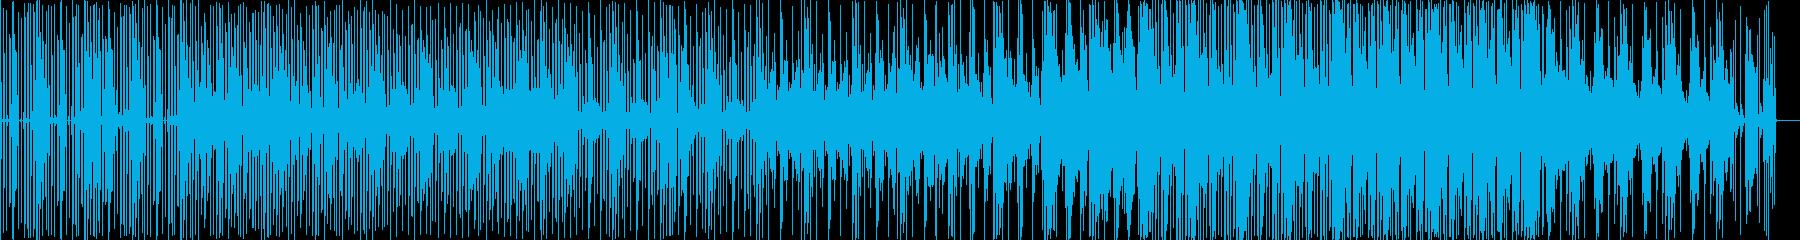 ロックエレクトロニック 技術的な ...の再生済みの波形